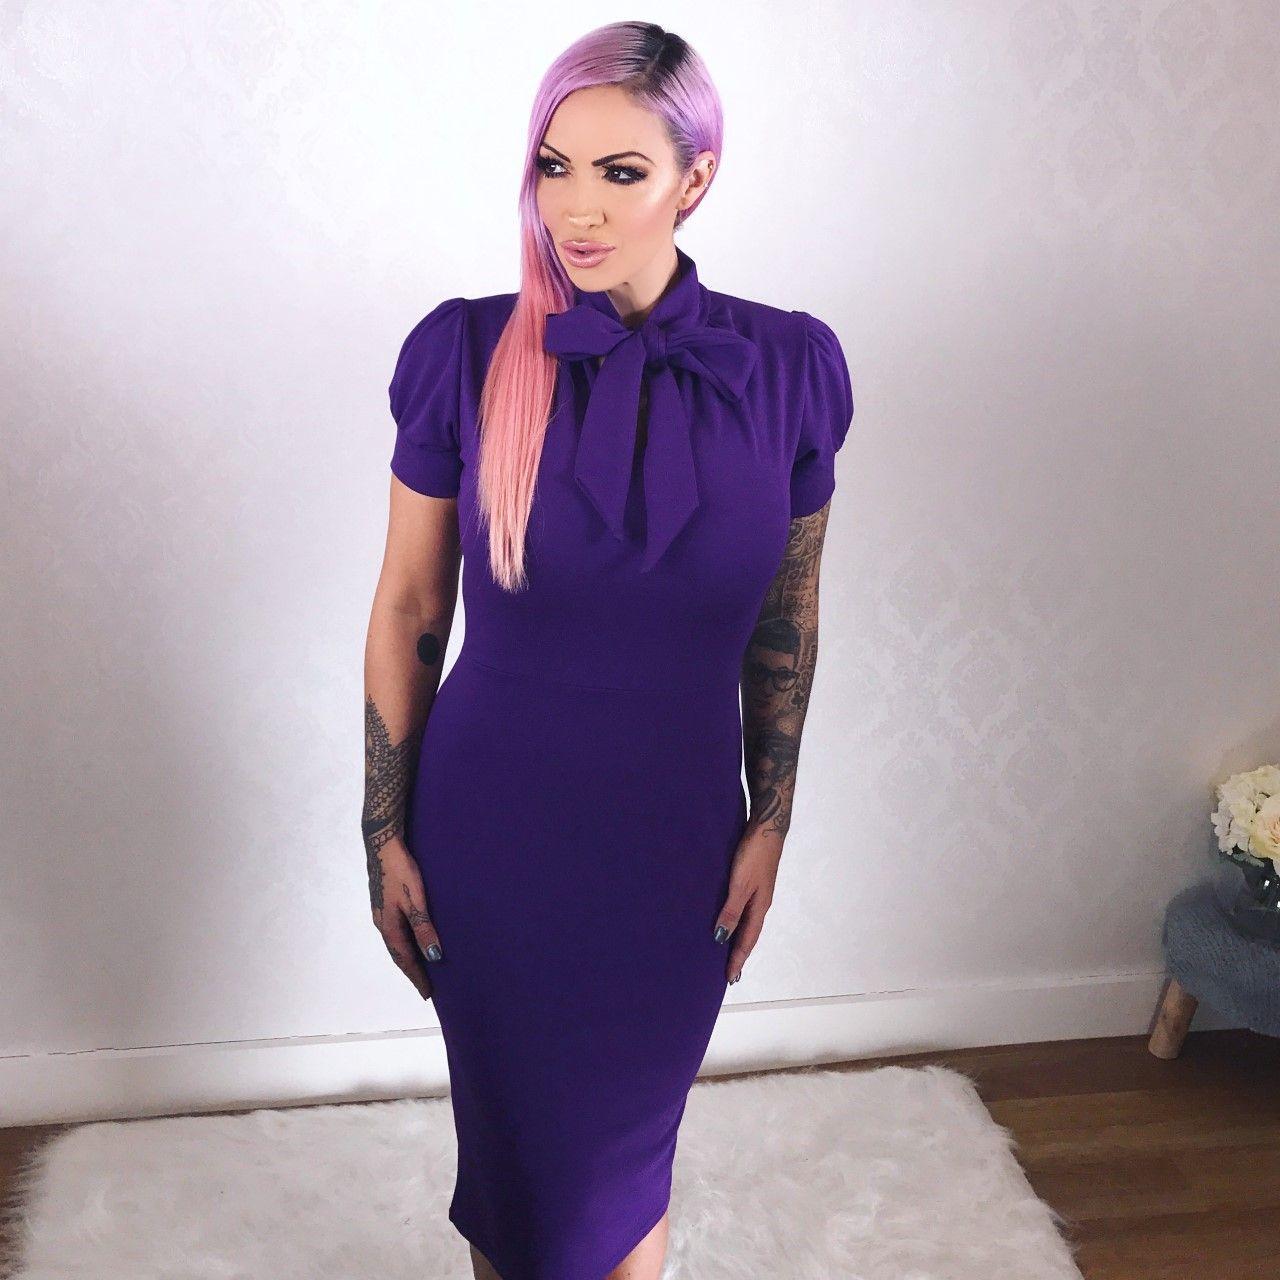 Betsy Dress Jodie Marsh Betsy Dress Jodie Marsh Dresses